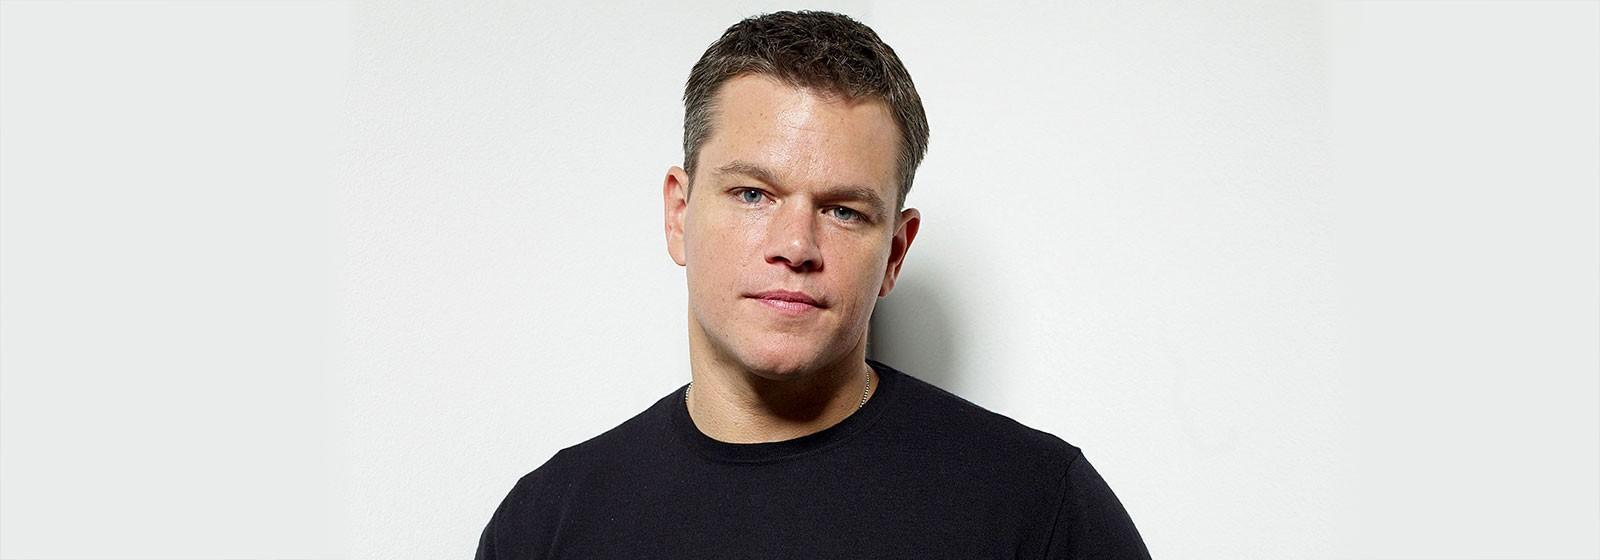 Especial Matt Damon